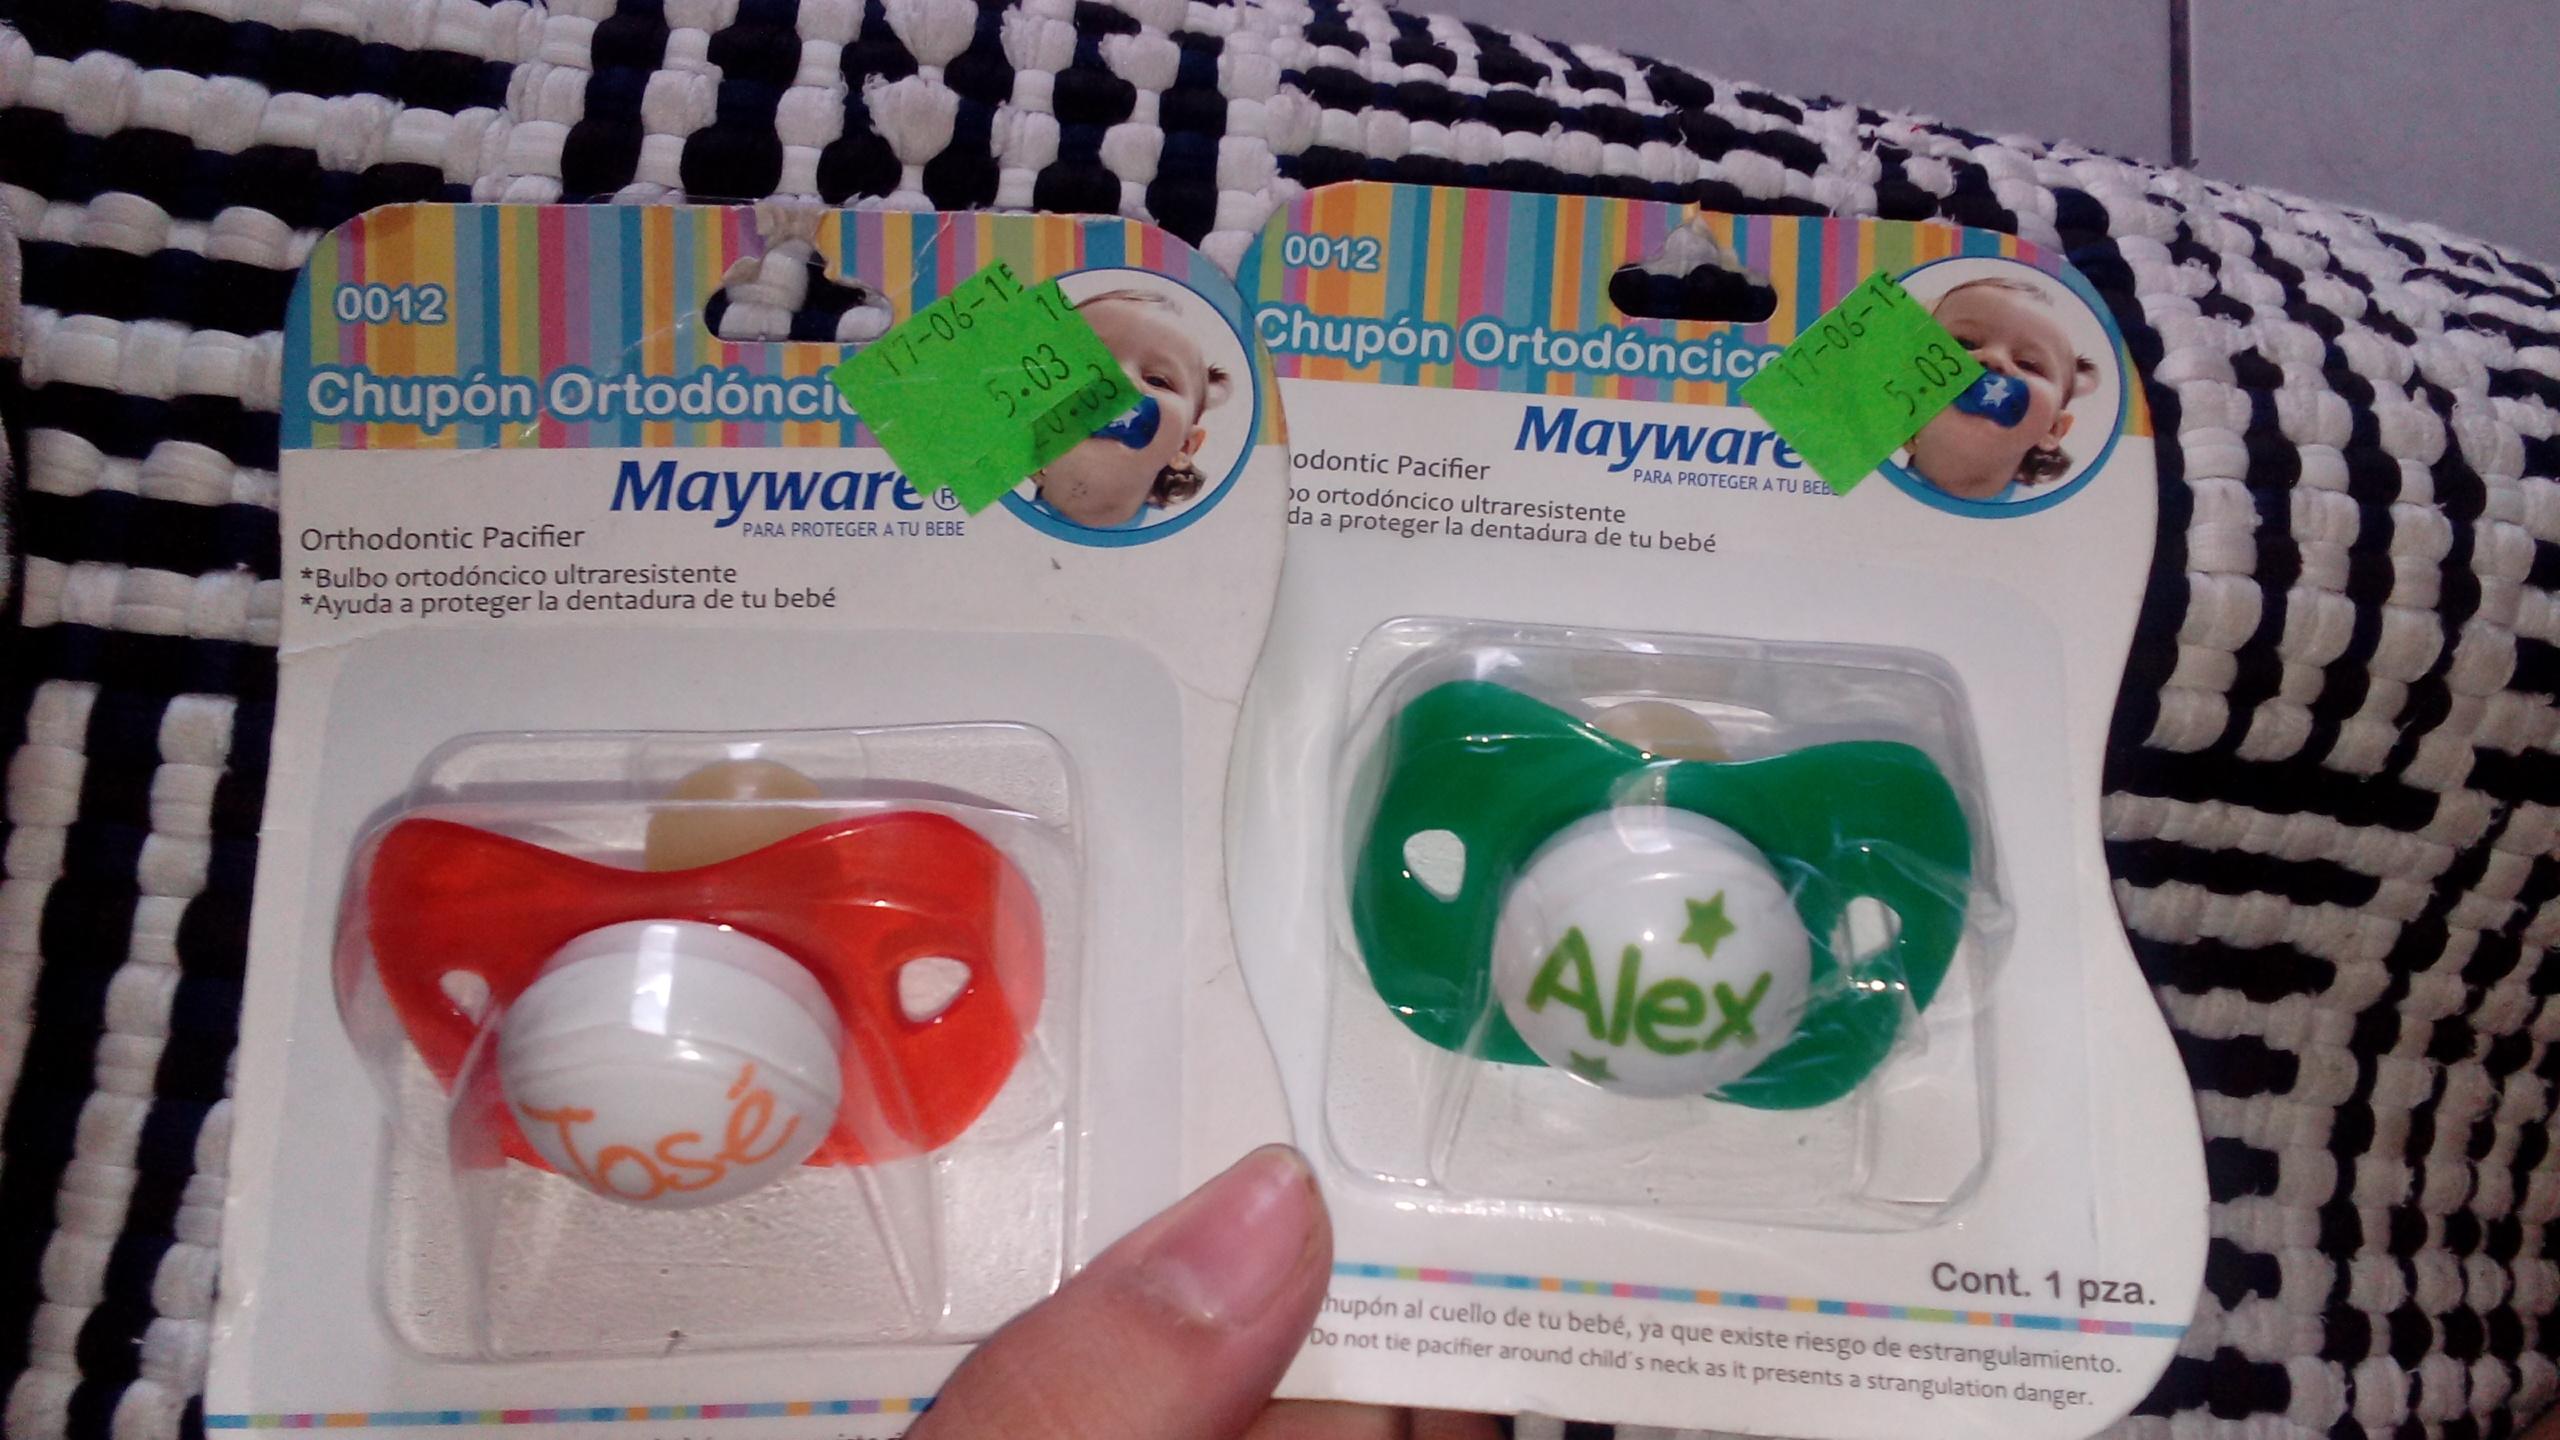 Walmart: chupón para bebé marca Mayware a $5.03